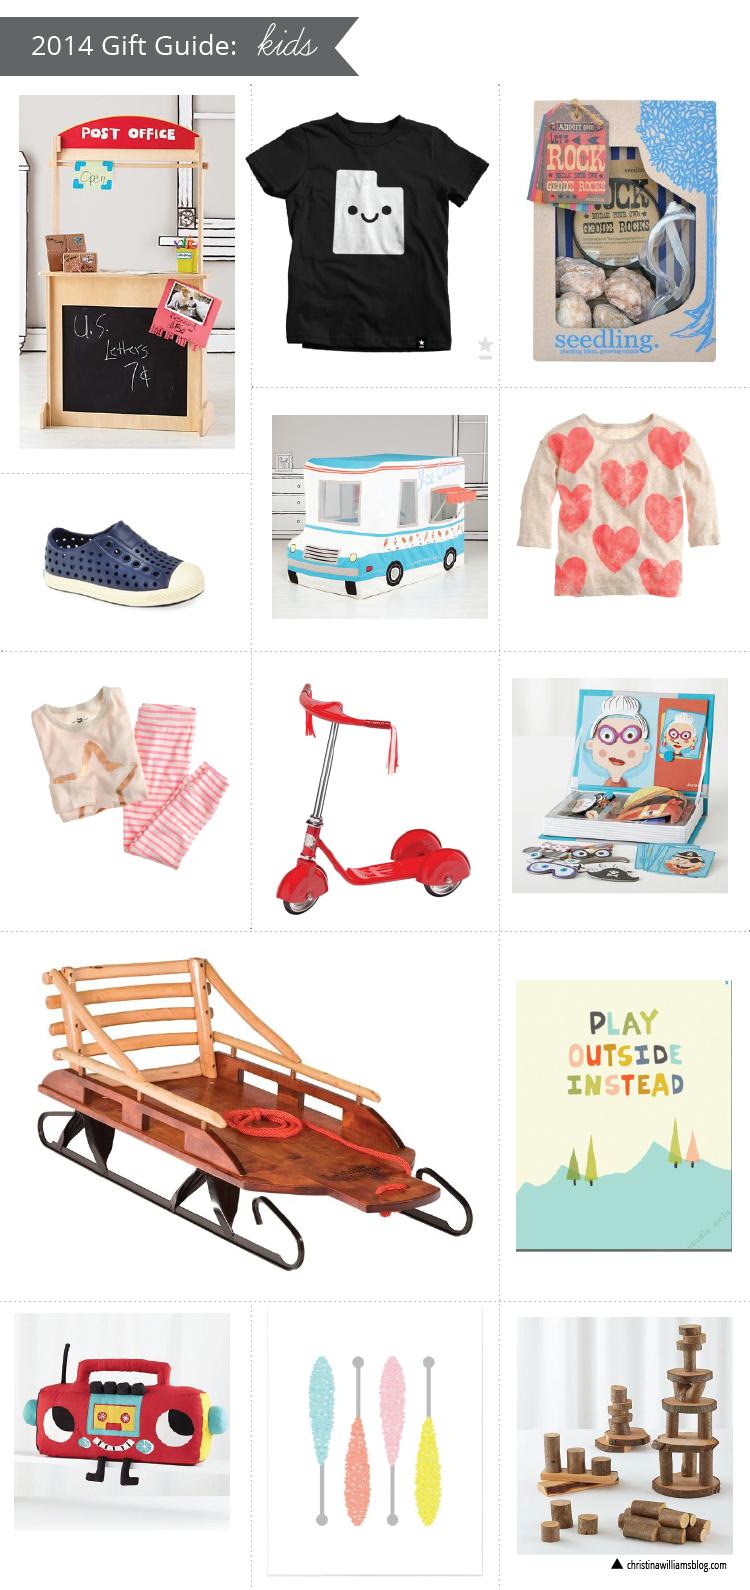 2014 Gift Guide - Kids